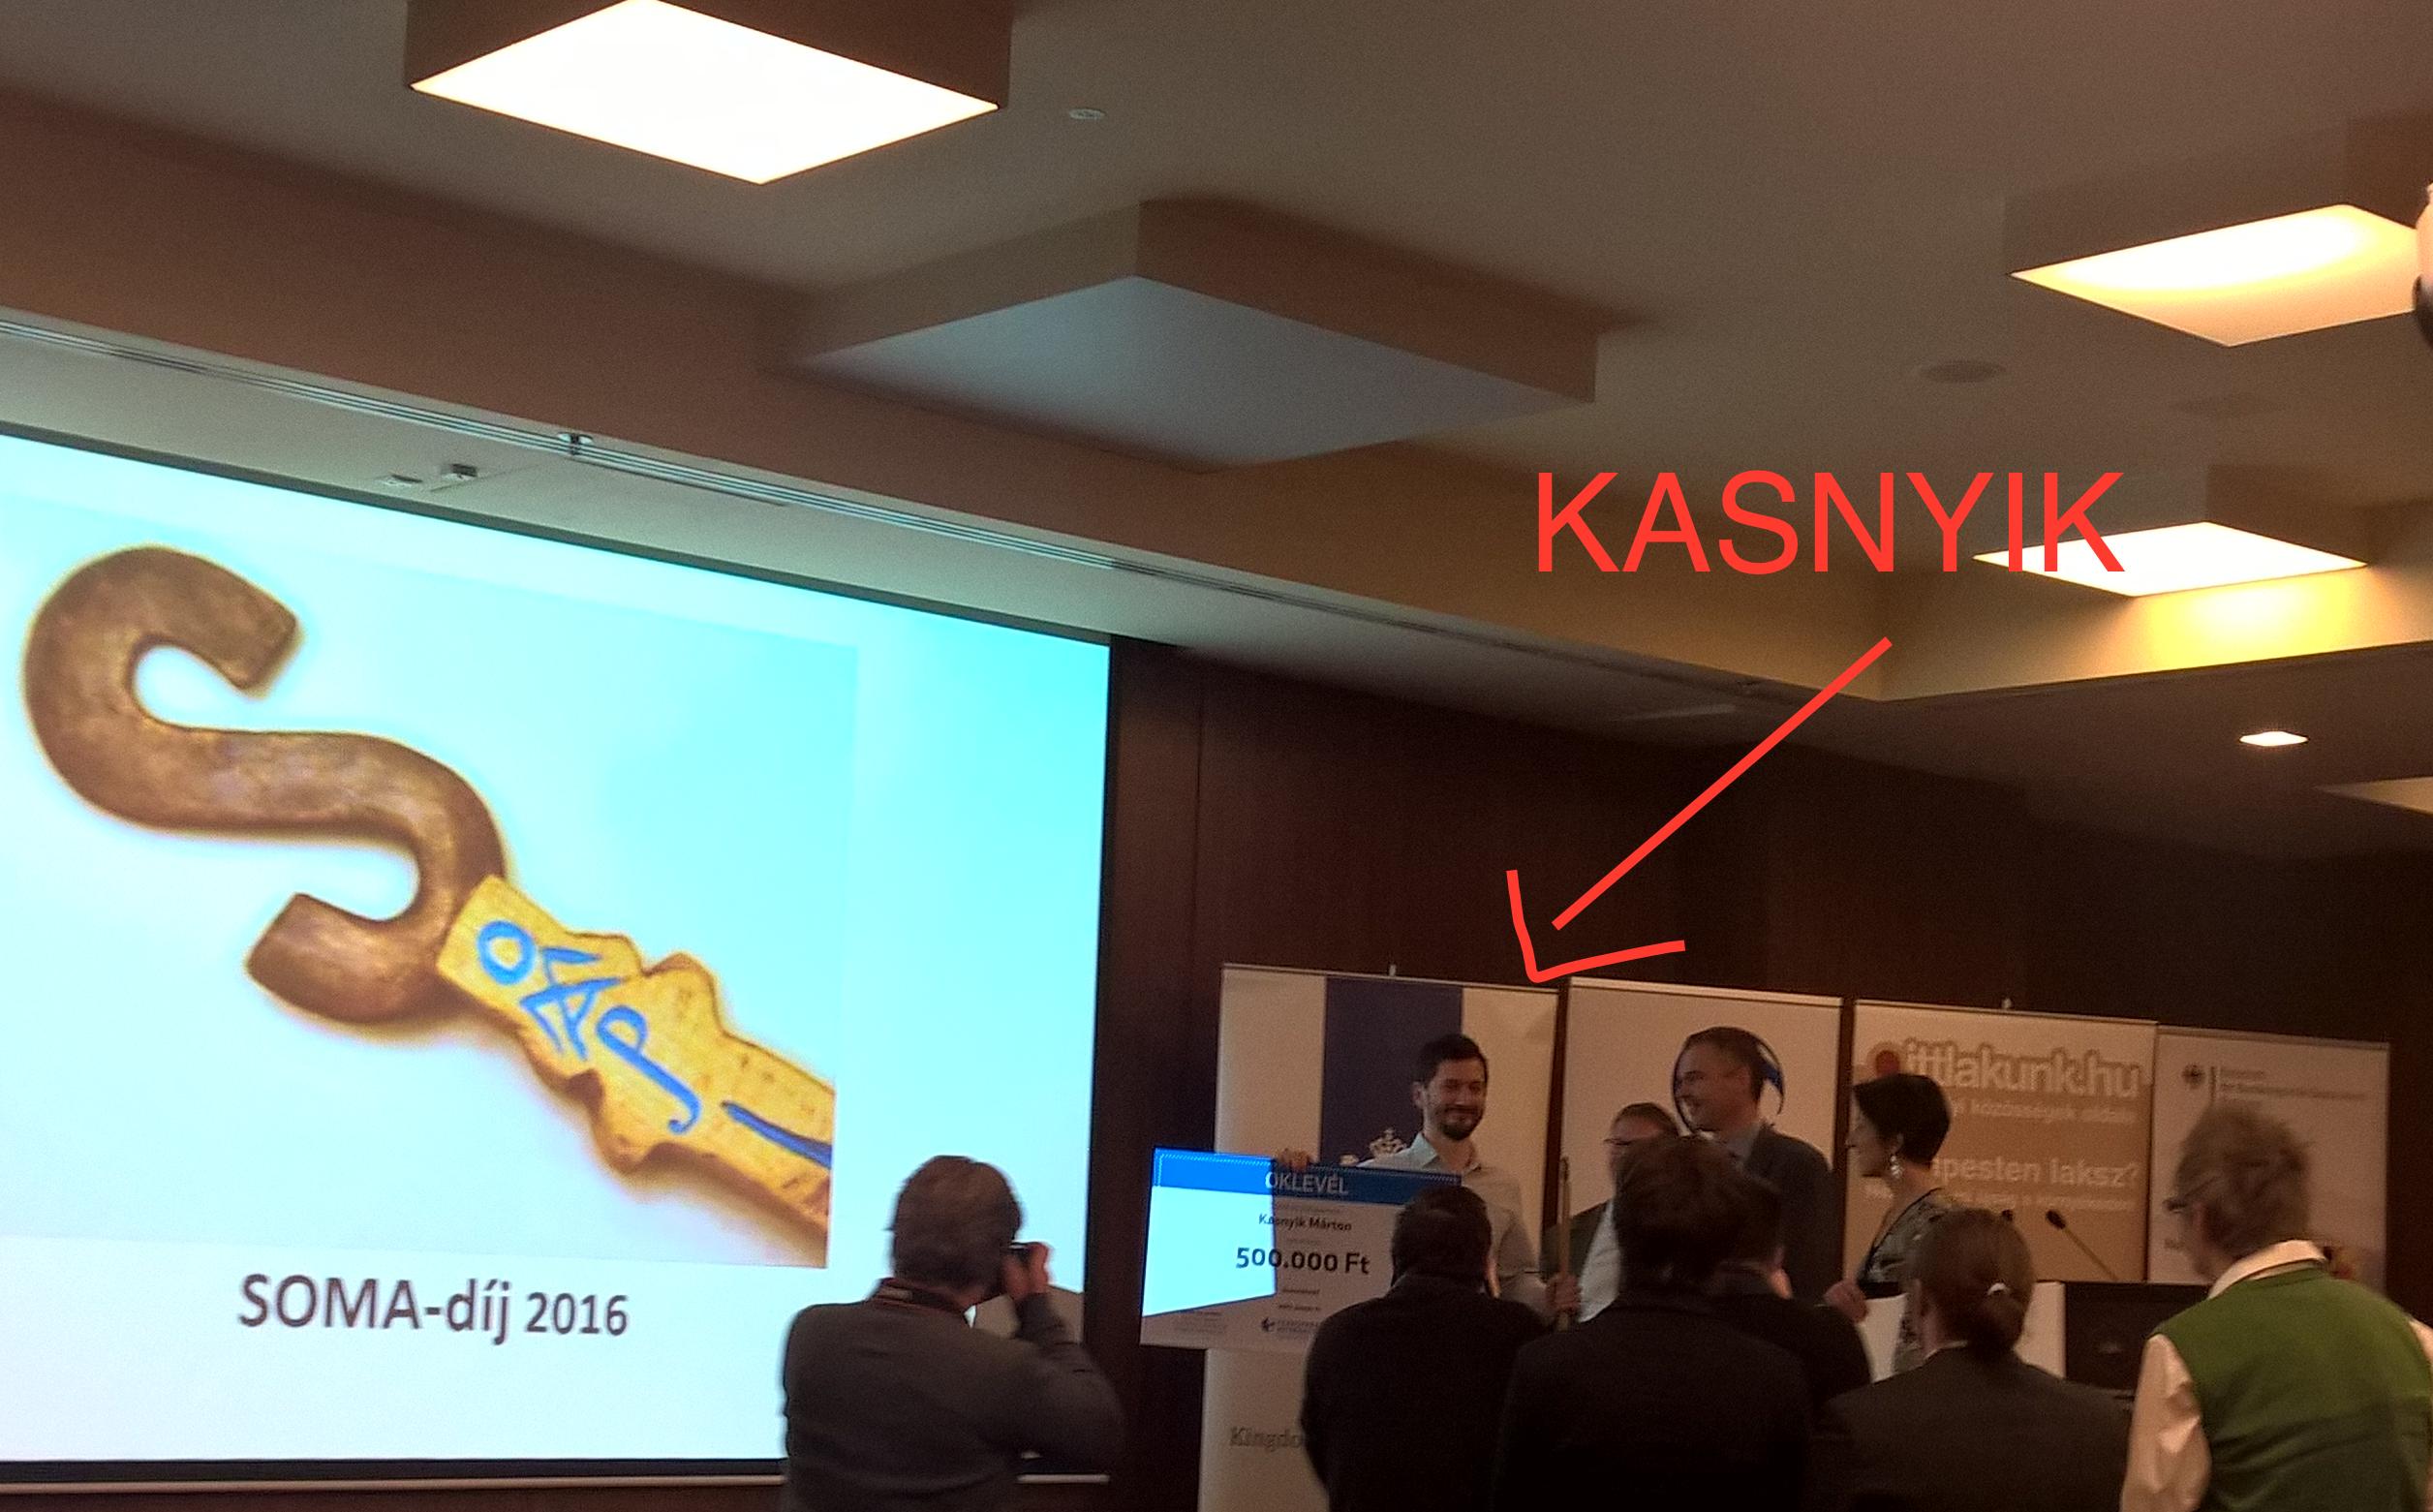 Gőbölyös Soma-díjat kapott Kasnyik Márton a Quaestorról szóló cikksorozatáért